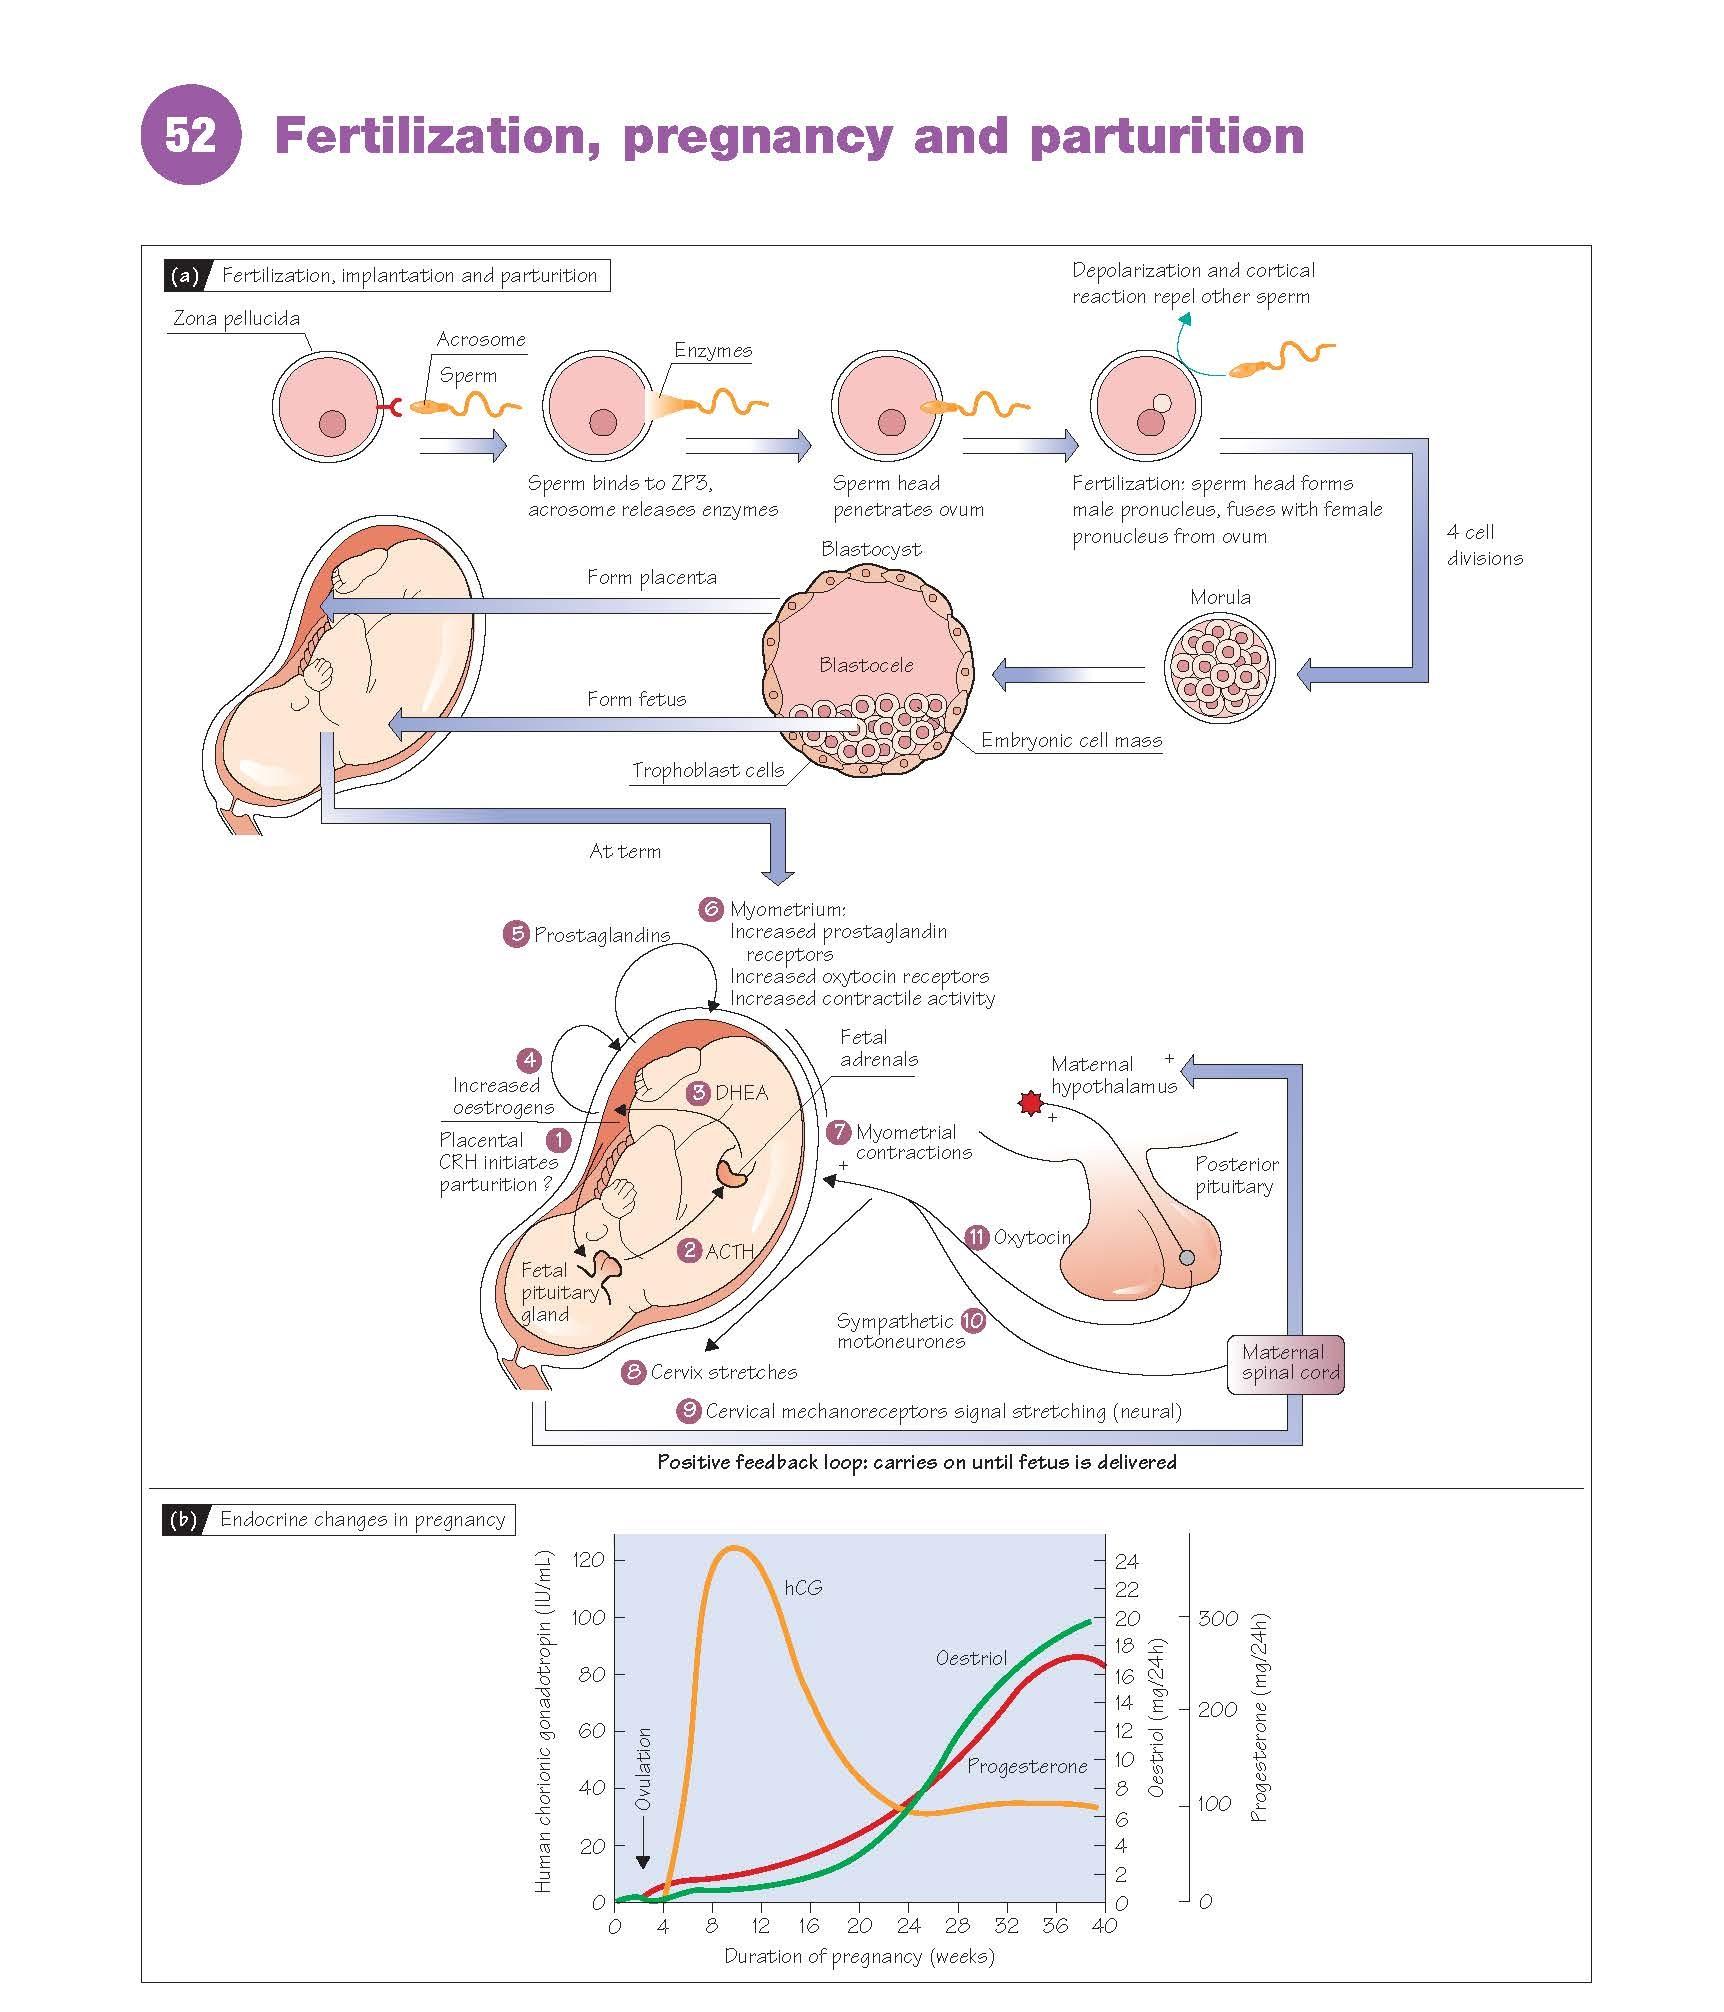 Fertilization, Pregnancy And Parturition